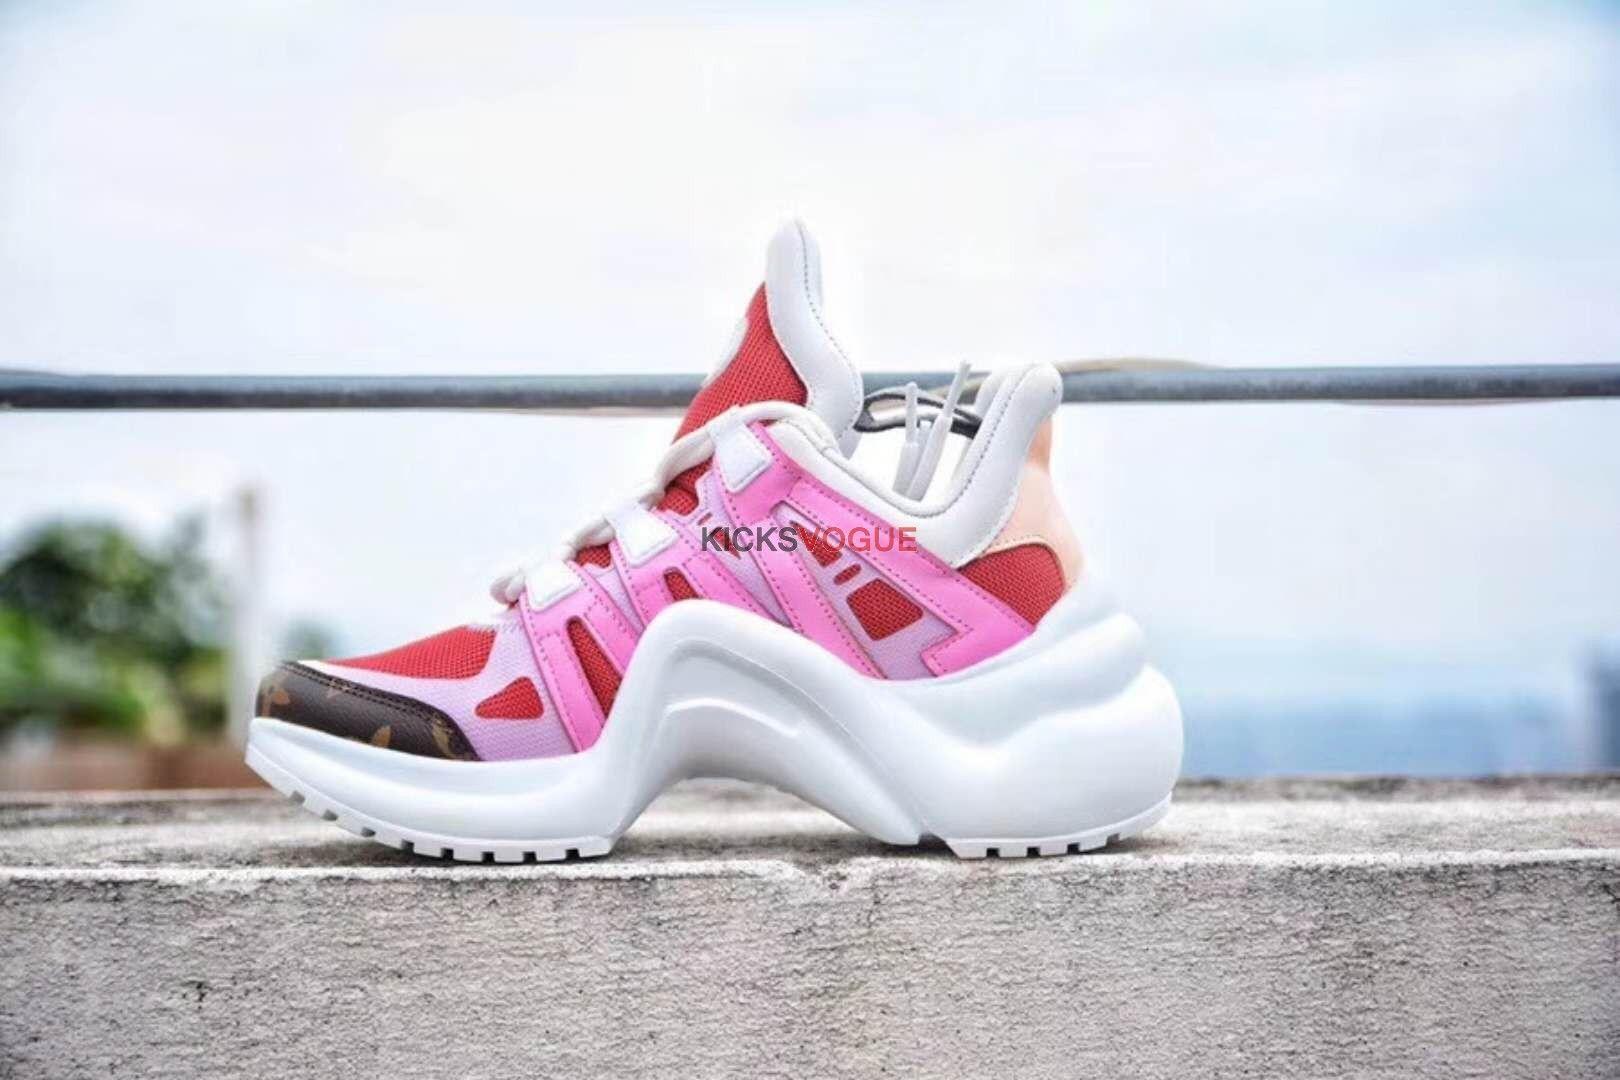 f020fee62d4 Louis Vuitton LV Archlight Sneaker Pink | www.kicksvogue.net ...